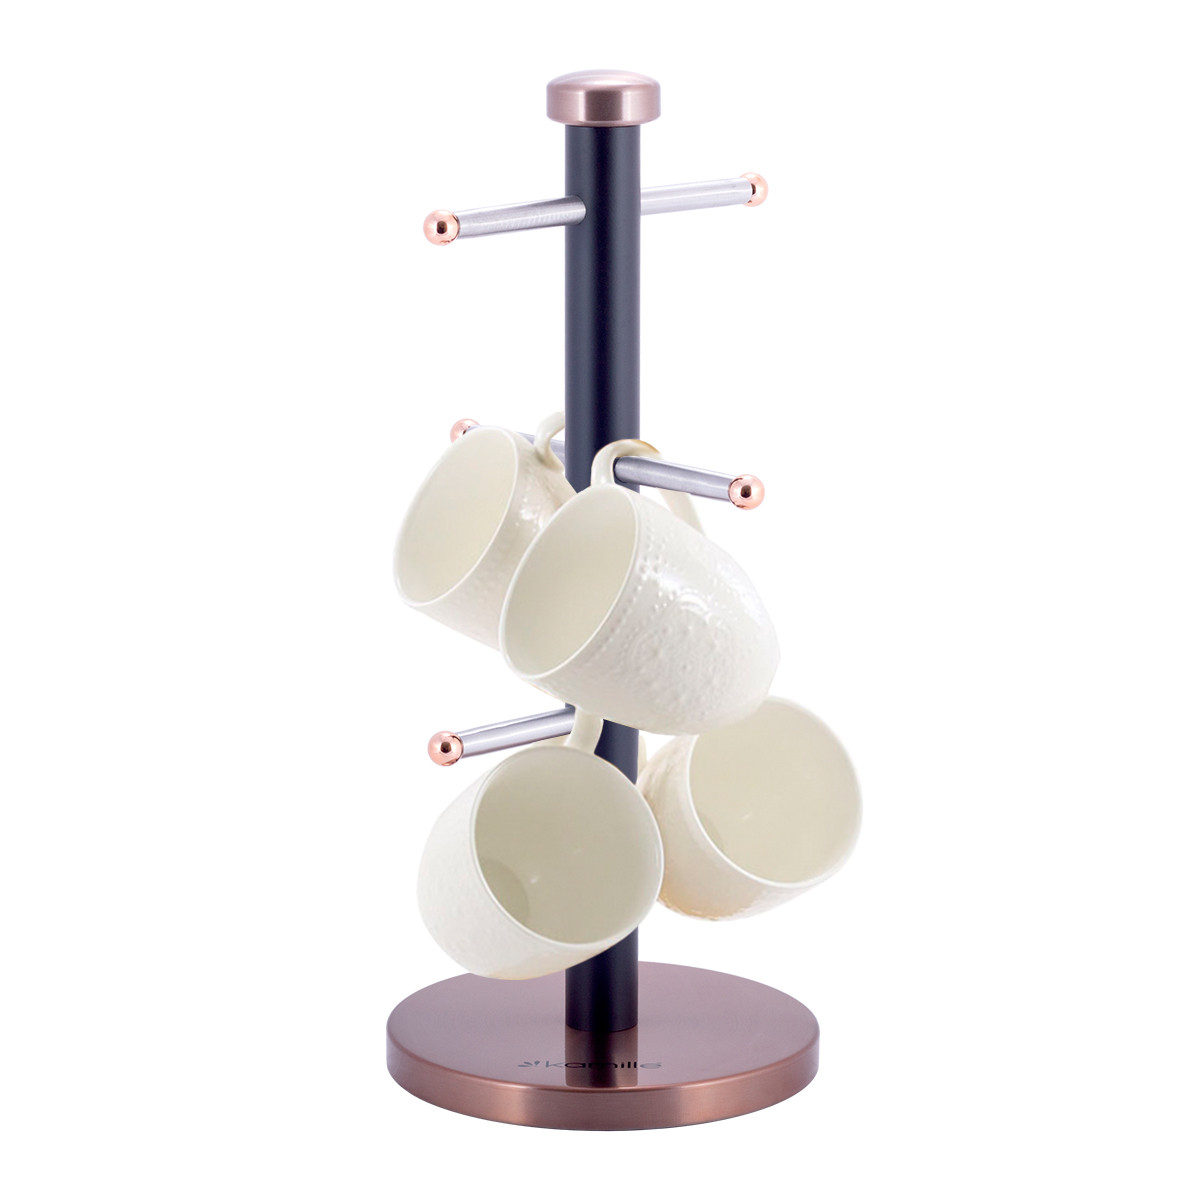 Стійка підставка для чашок Ø15*34,5 см із нержавіючої сталі